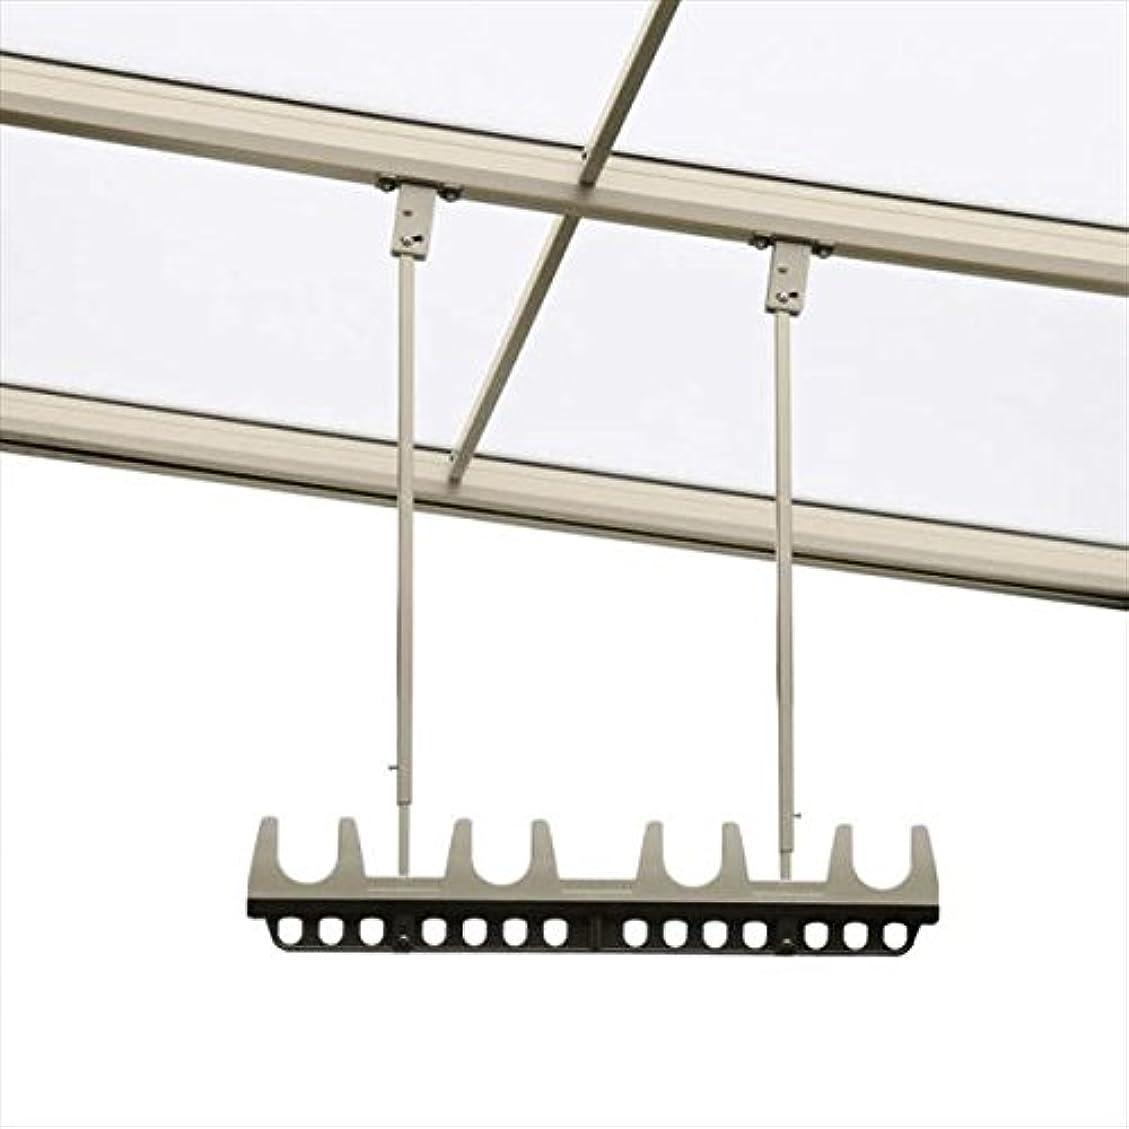 アルコーブ組立星三協アルミ 竿掛け 吊り下げ型 調整式 ショート 2本入り SATV-03K-2S  ブラウン